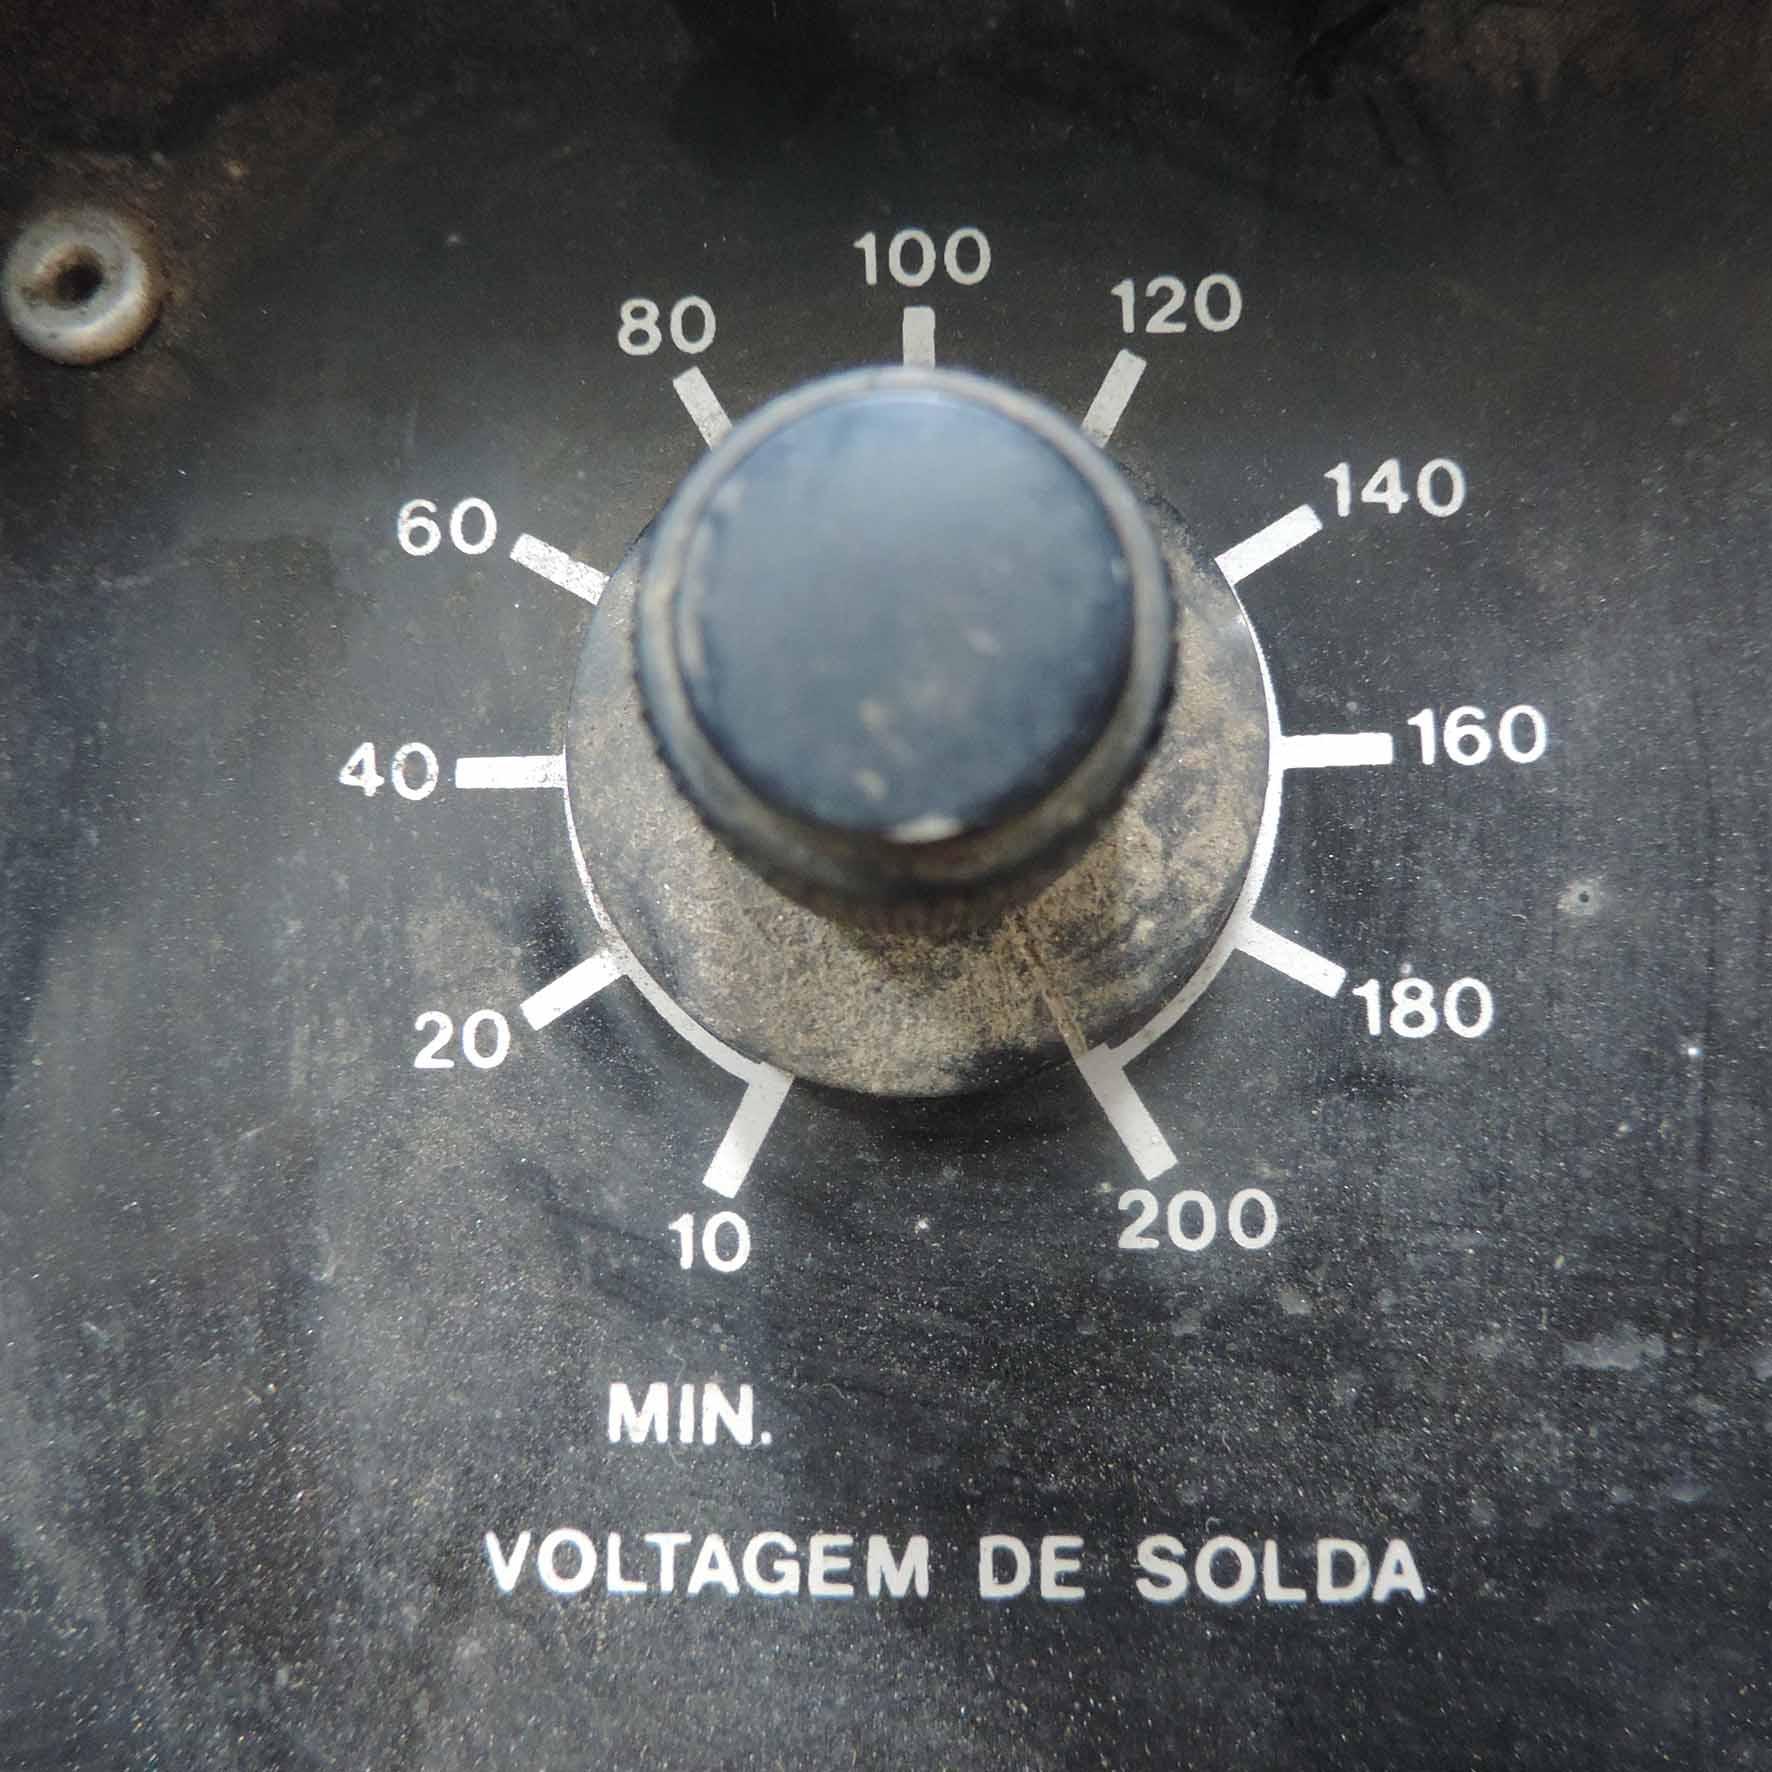 Descarga Capacitiva Erico PW 800 SP219 – Usado